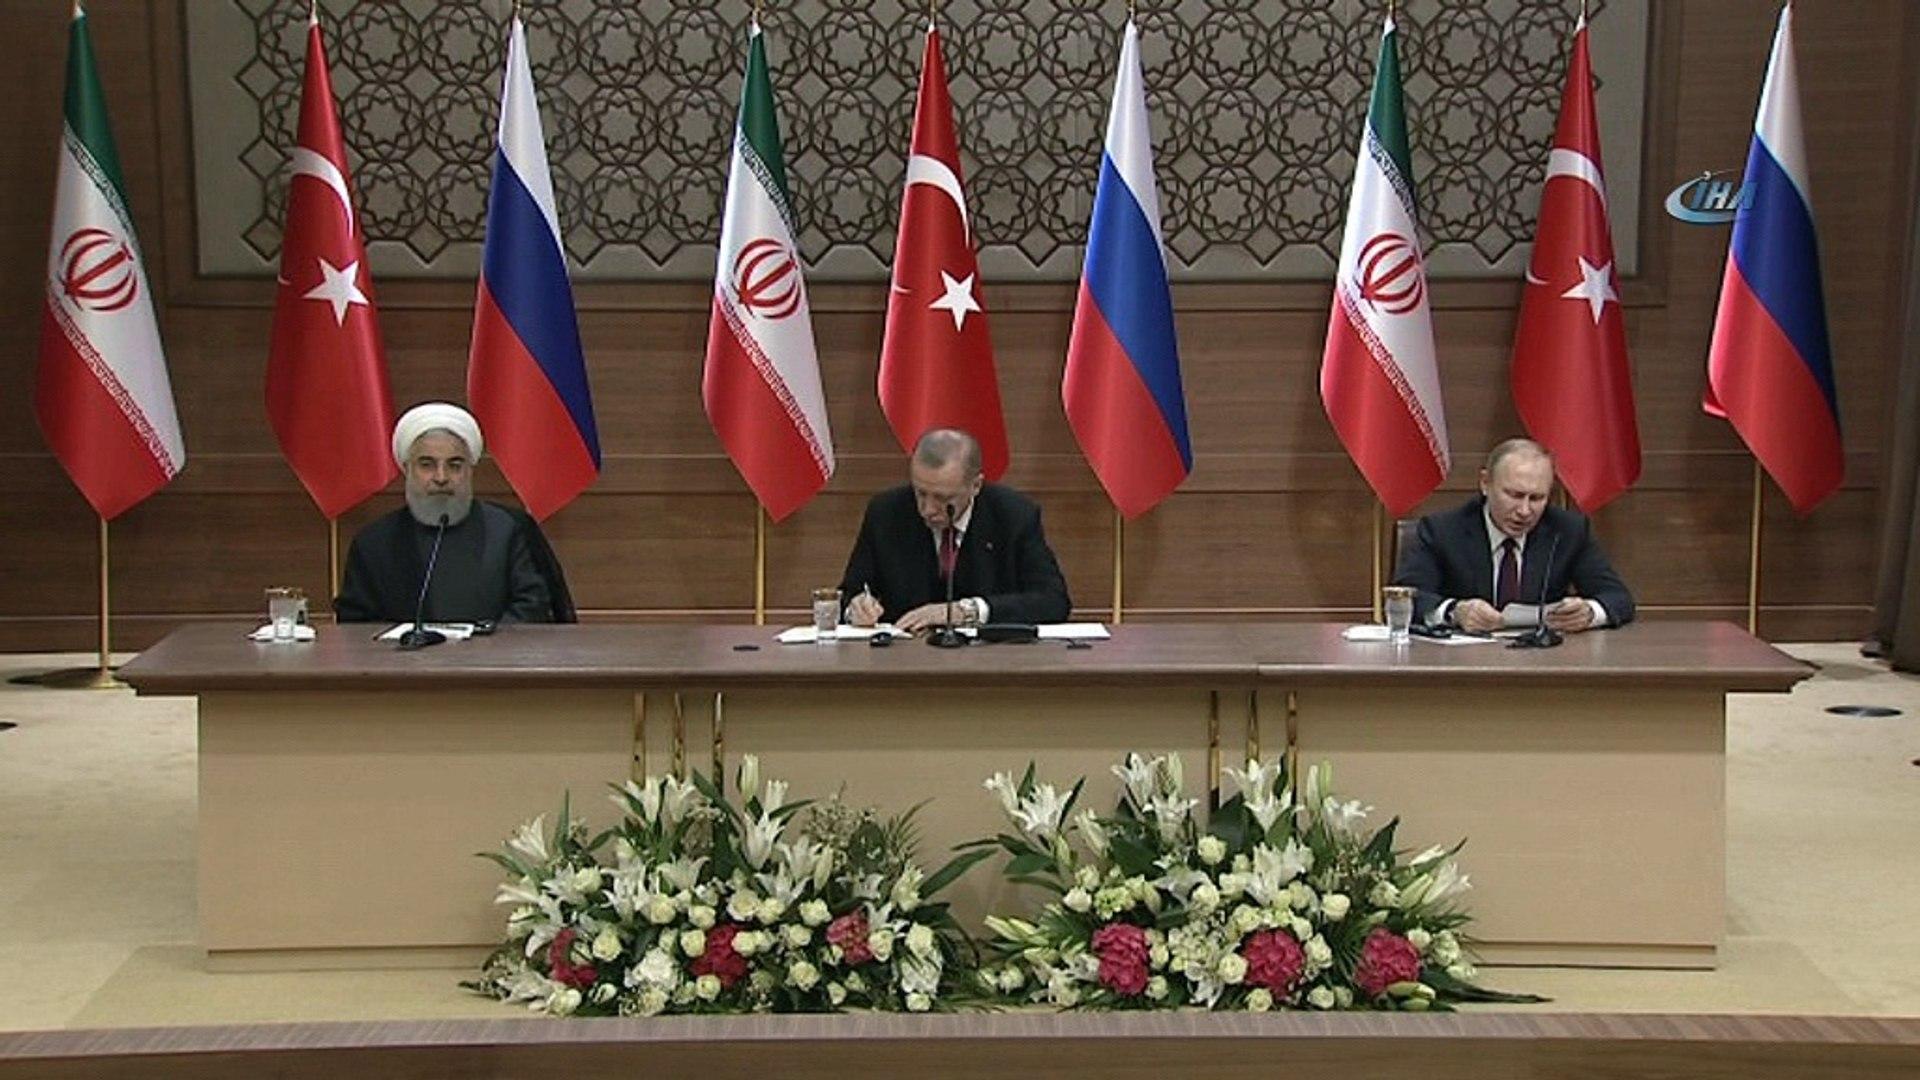 Rusya Devlet Başkanı Vladimir Putin: 'Rusya, İran ve Türkiye Suriye'nin toprak bütünlüğünd